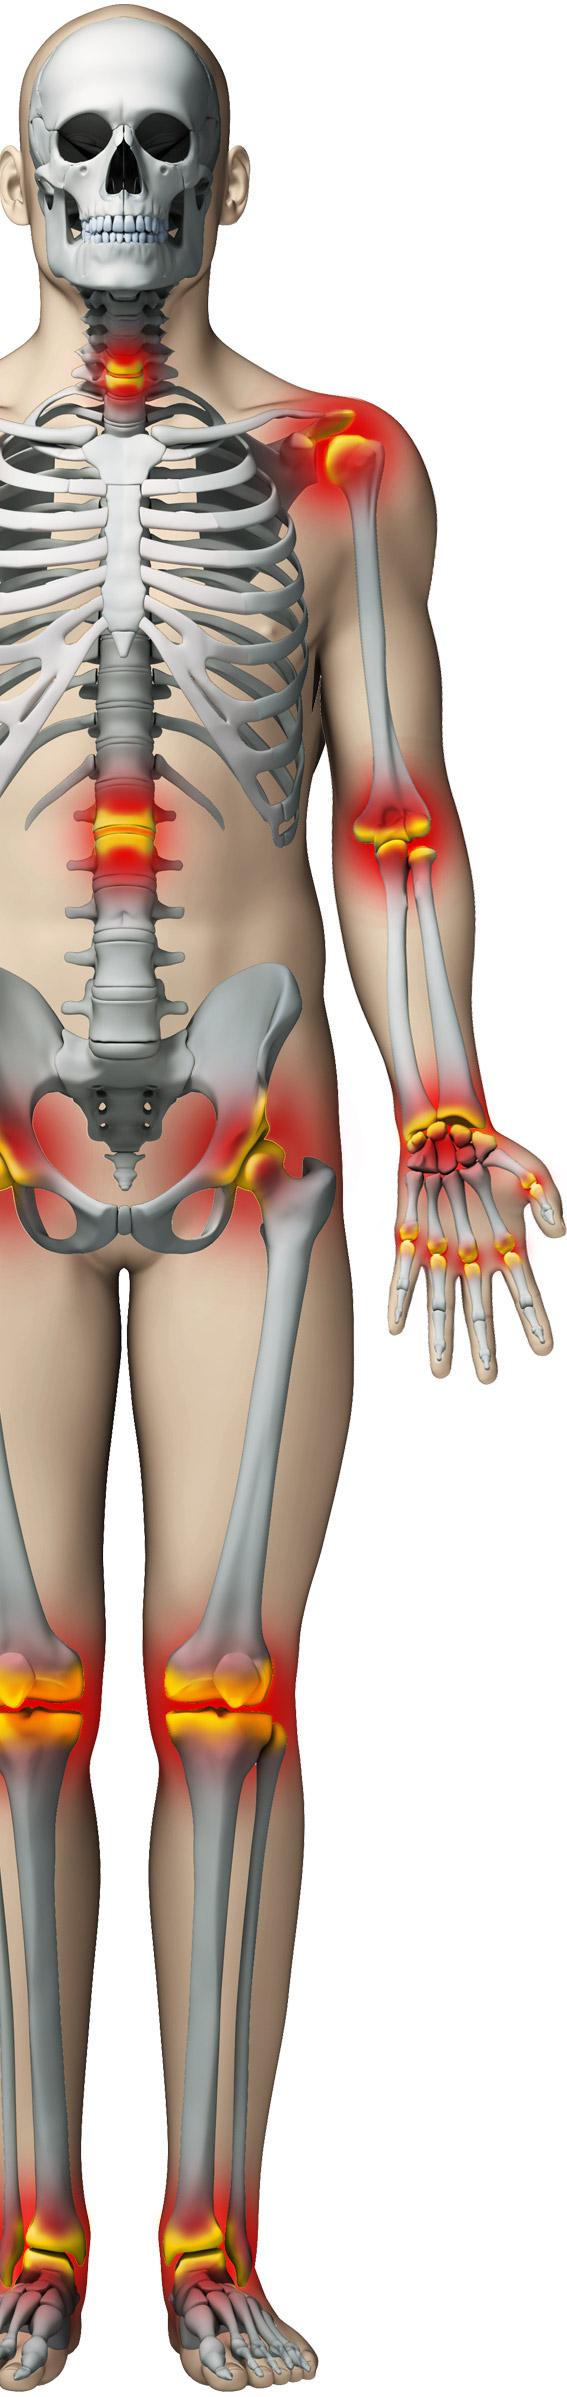 viața durerii articulare fără durere remedii de durere articulară pentru sportivi